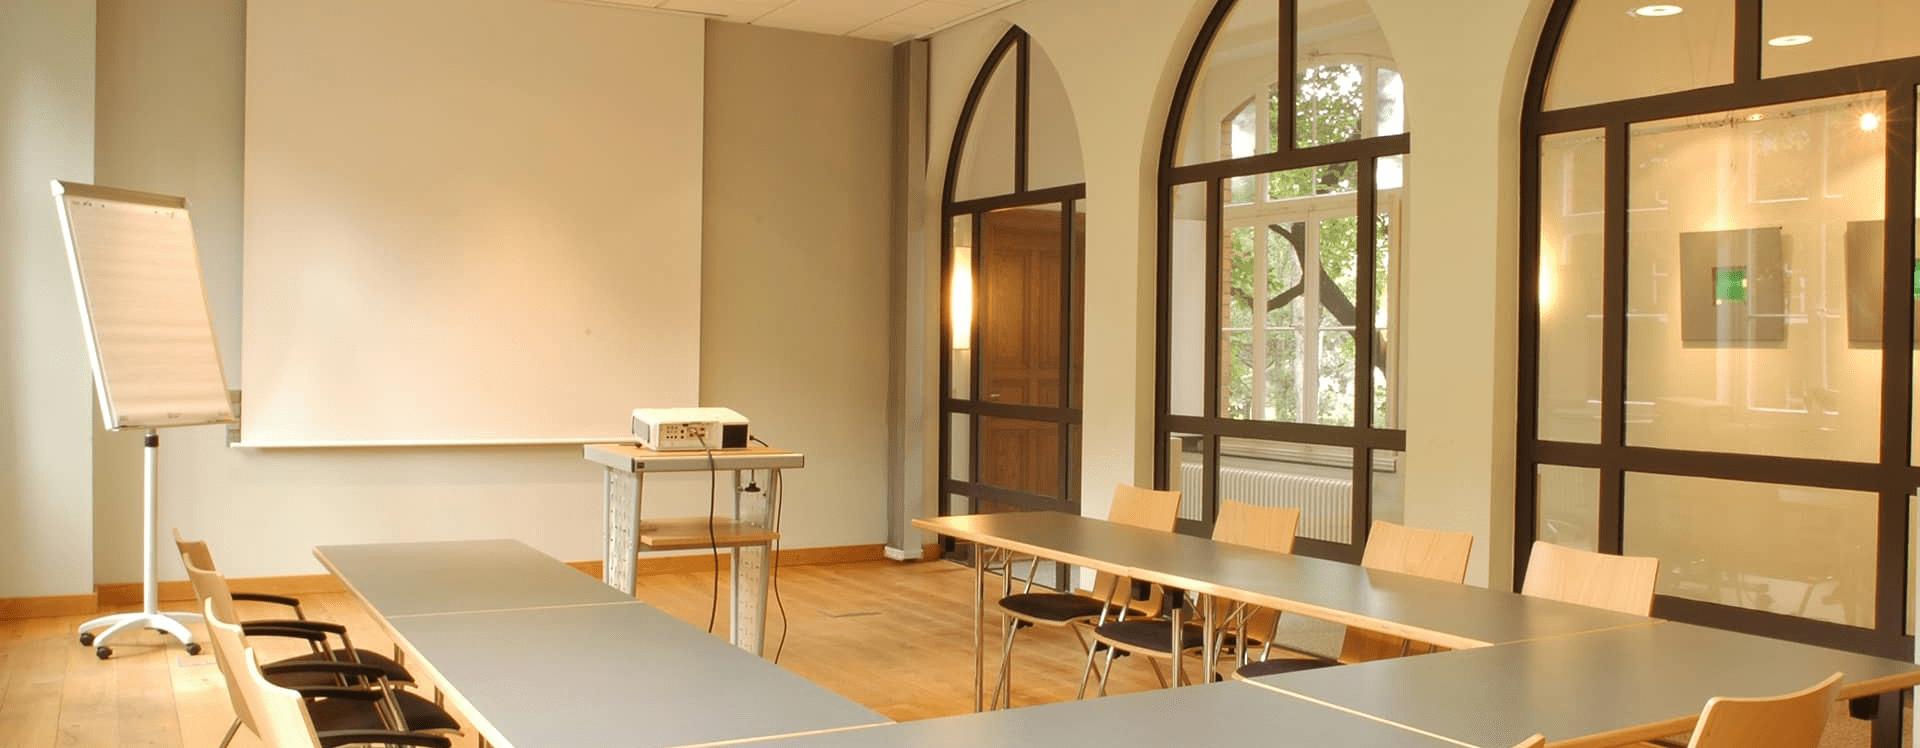 Tagungshotel Konferenzraum 2 HOTEL MUTTERHAUS DÜSSELDORF